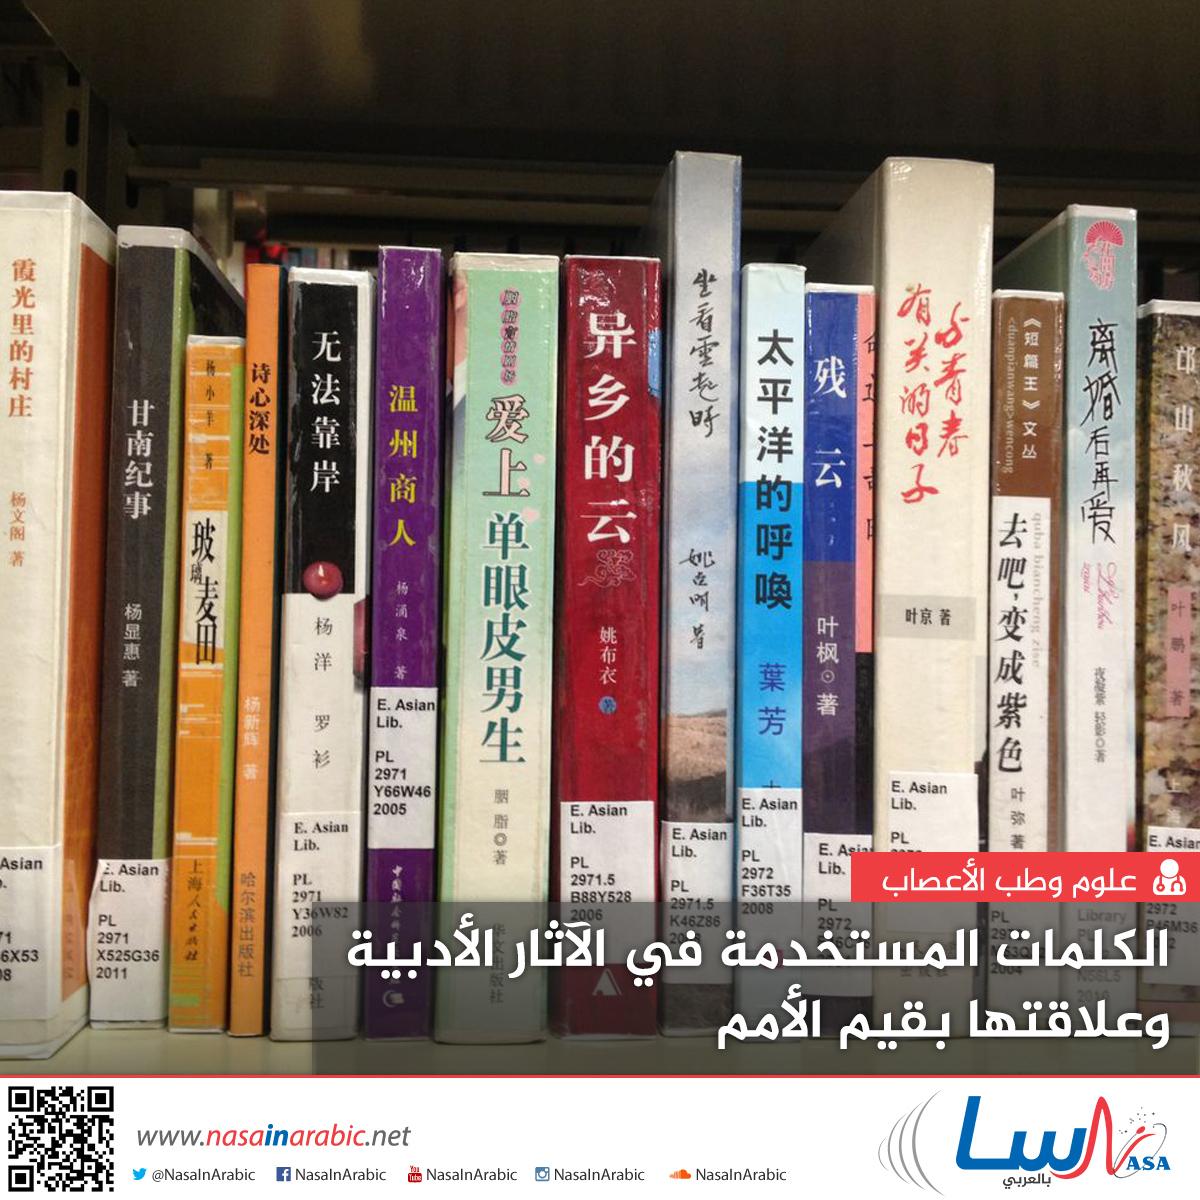 الكلمات المستخدمة في الآثار الأدبية وعلاقتها بقيم الأمم